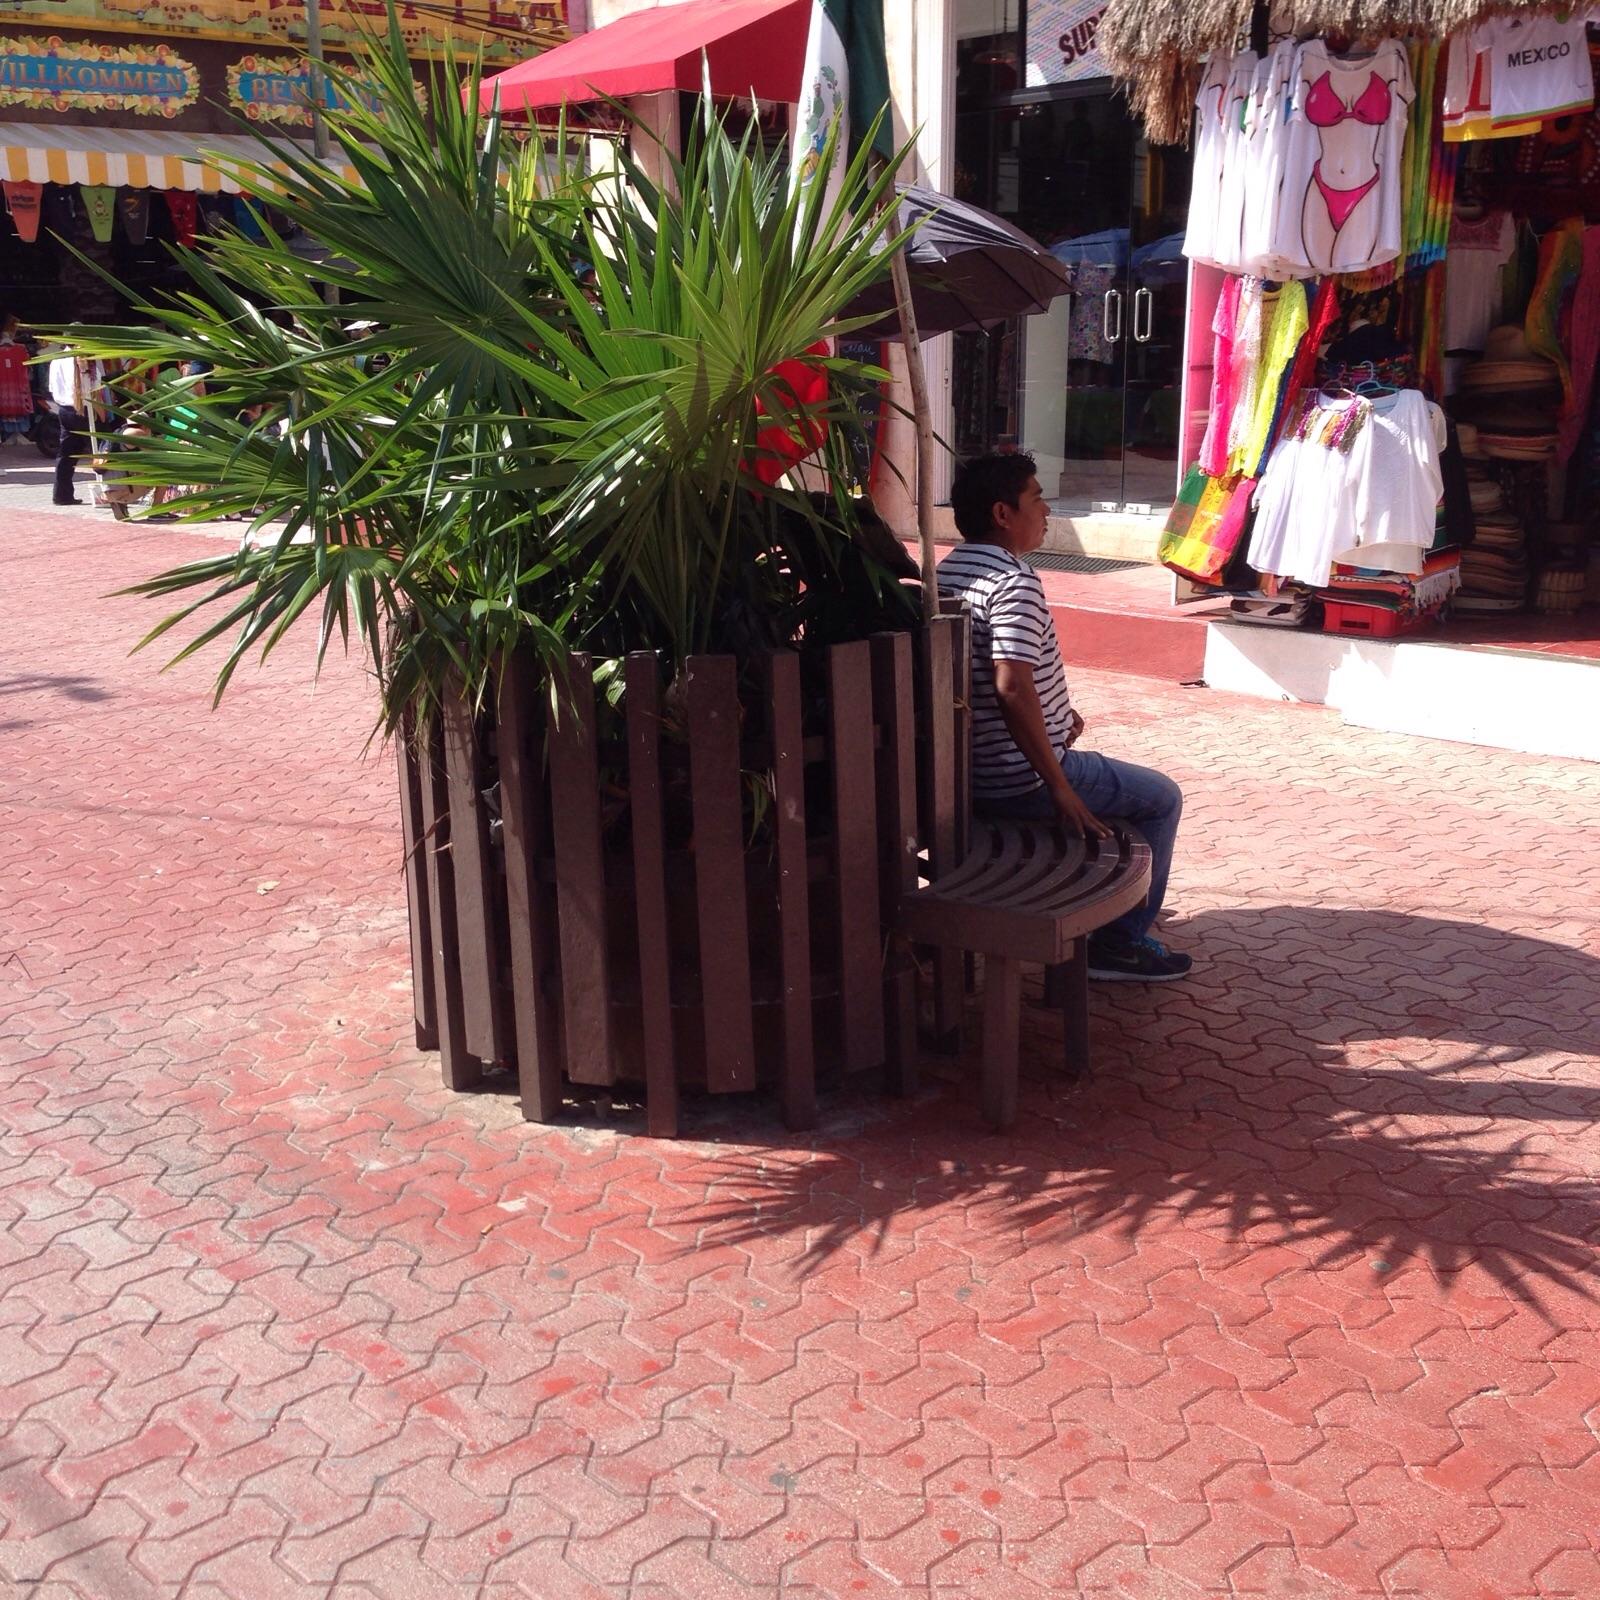 AVANZA EL DETERIORO DE LA QUINTA: Adoquines rotos y bancas destartaladas en la zona turística de Playa a semanas de la temporada alta